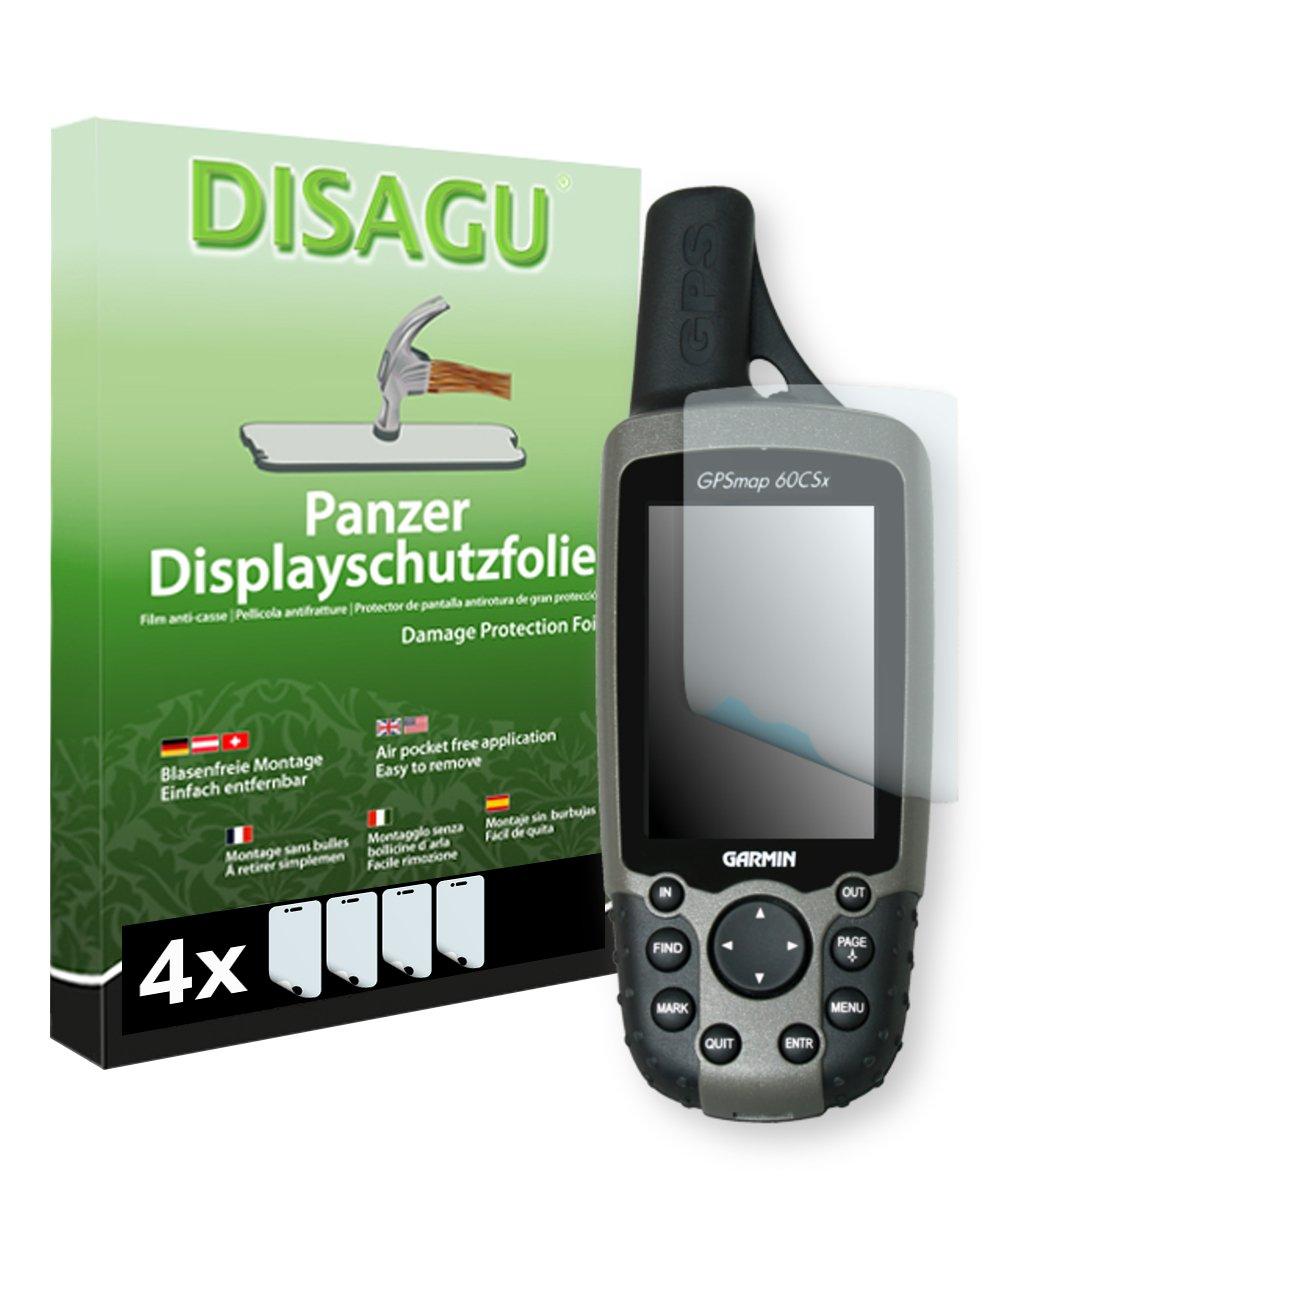 DISAGU Garmin GPSMAP 60 CSX Film de Protection d'écran - 4 x Film blindé pour Garmin GPSMAP 60 CSX Film de Protection Contre la Casse